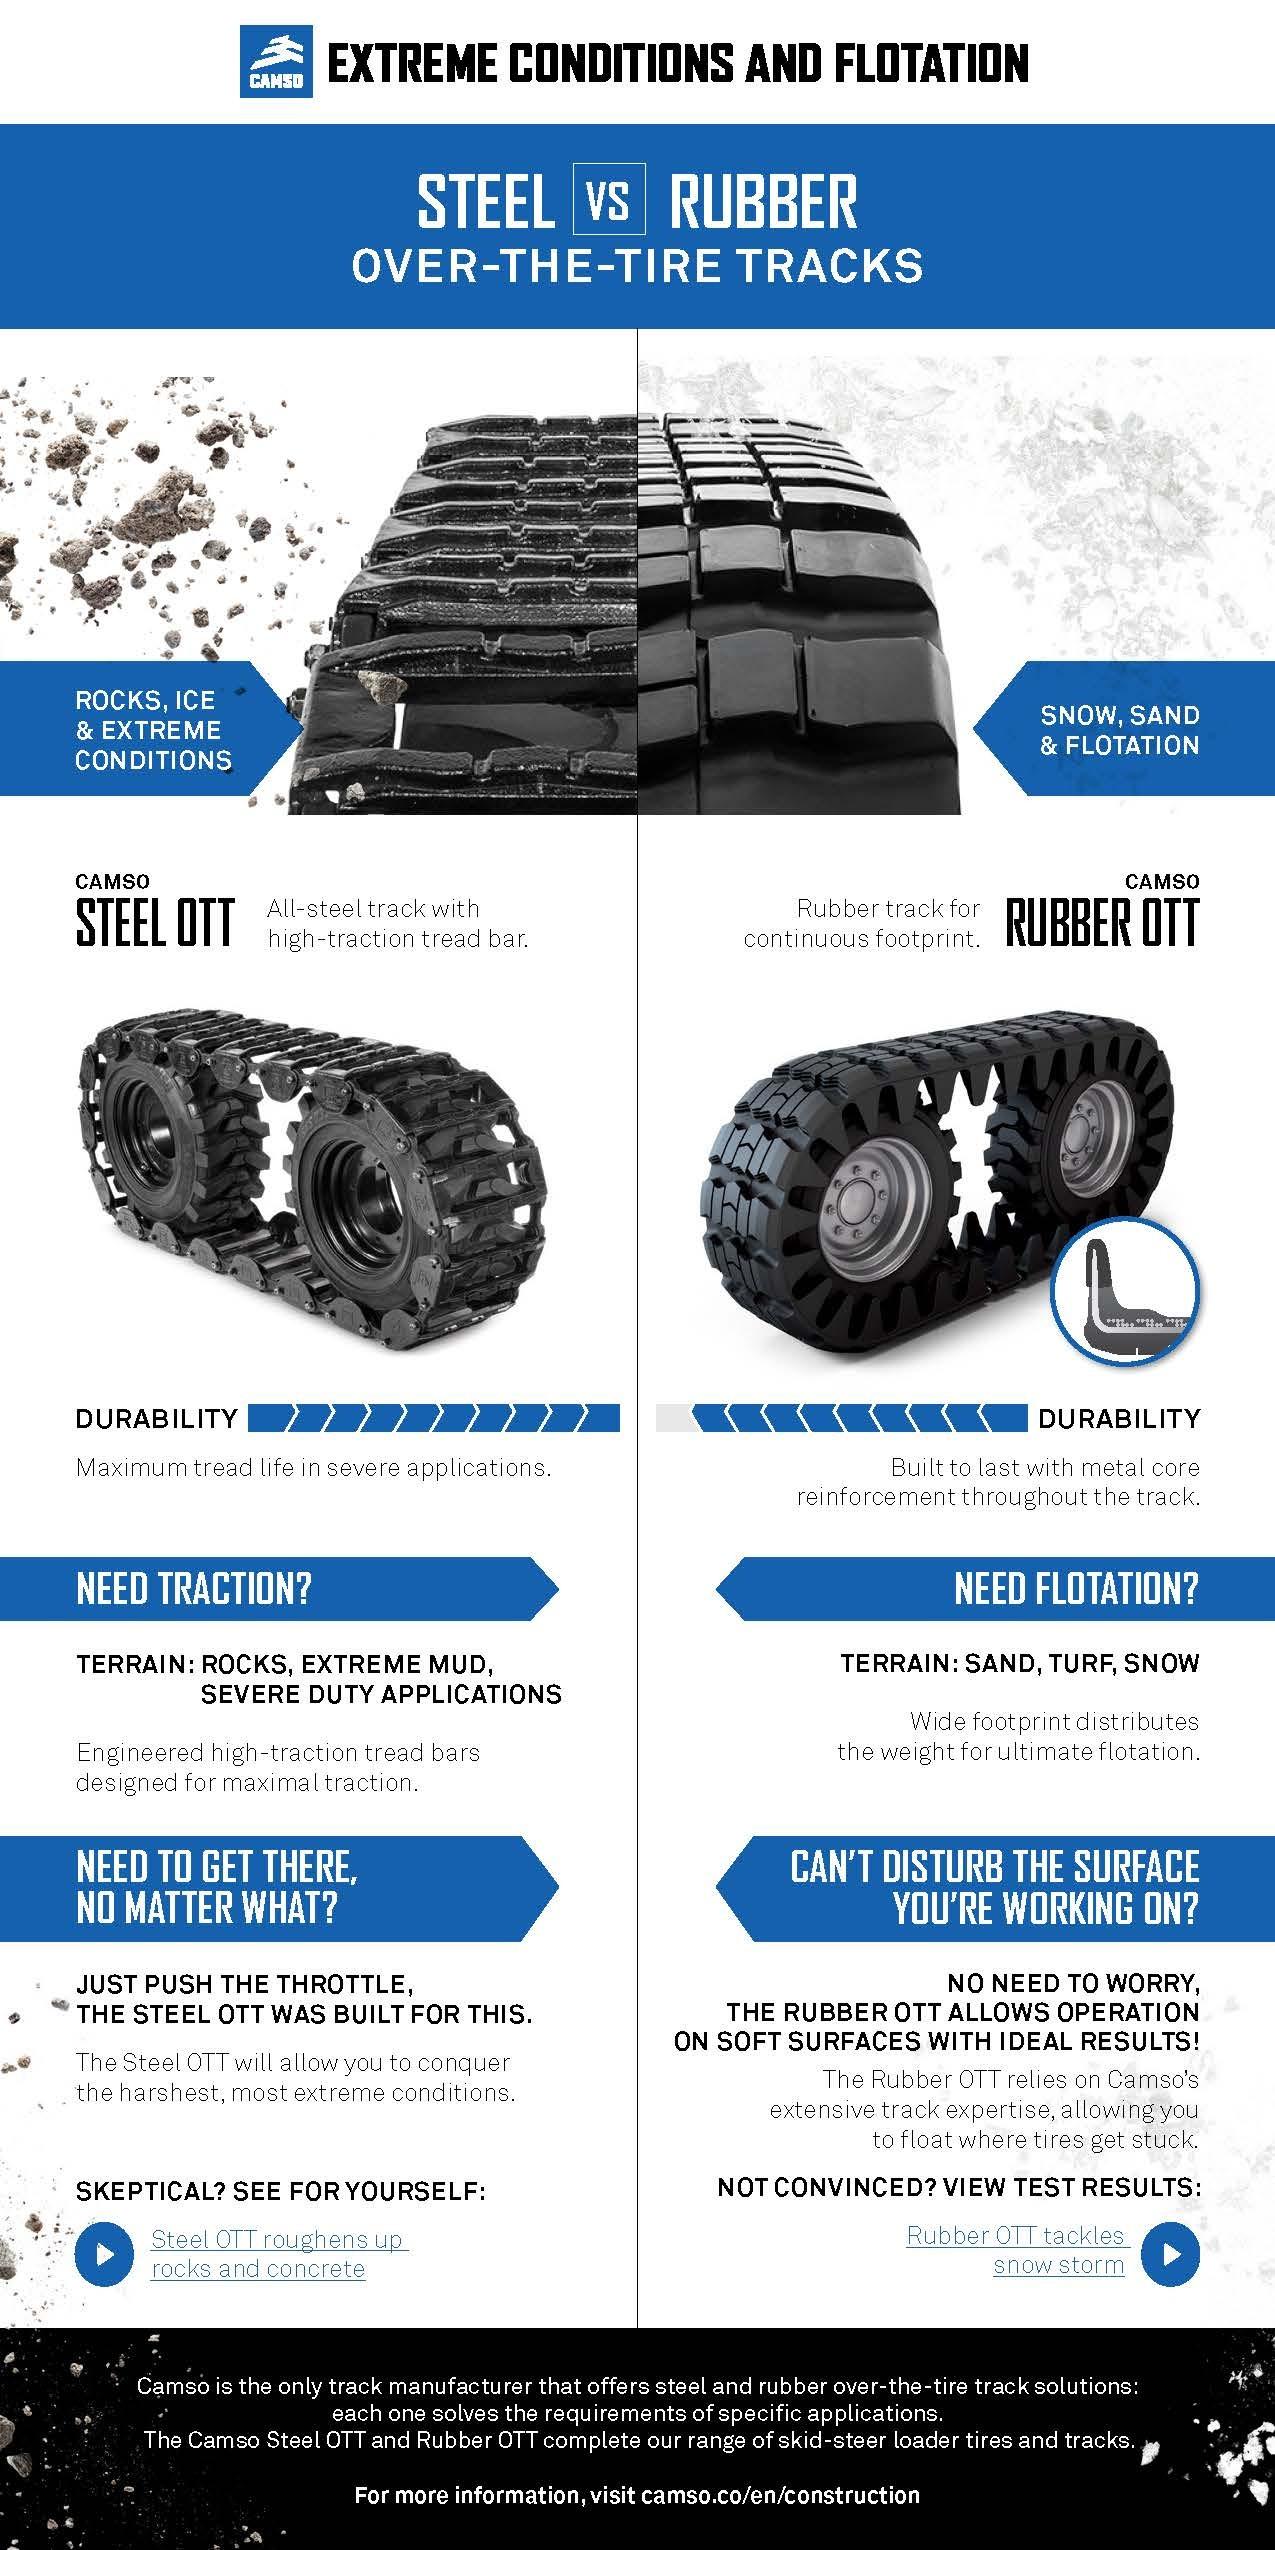 Camso Steel vs Rubber OTT